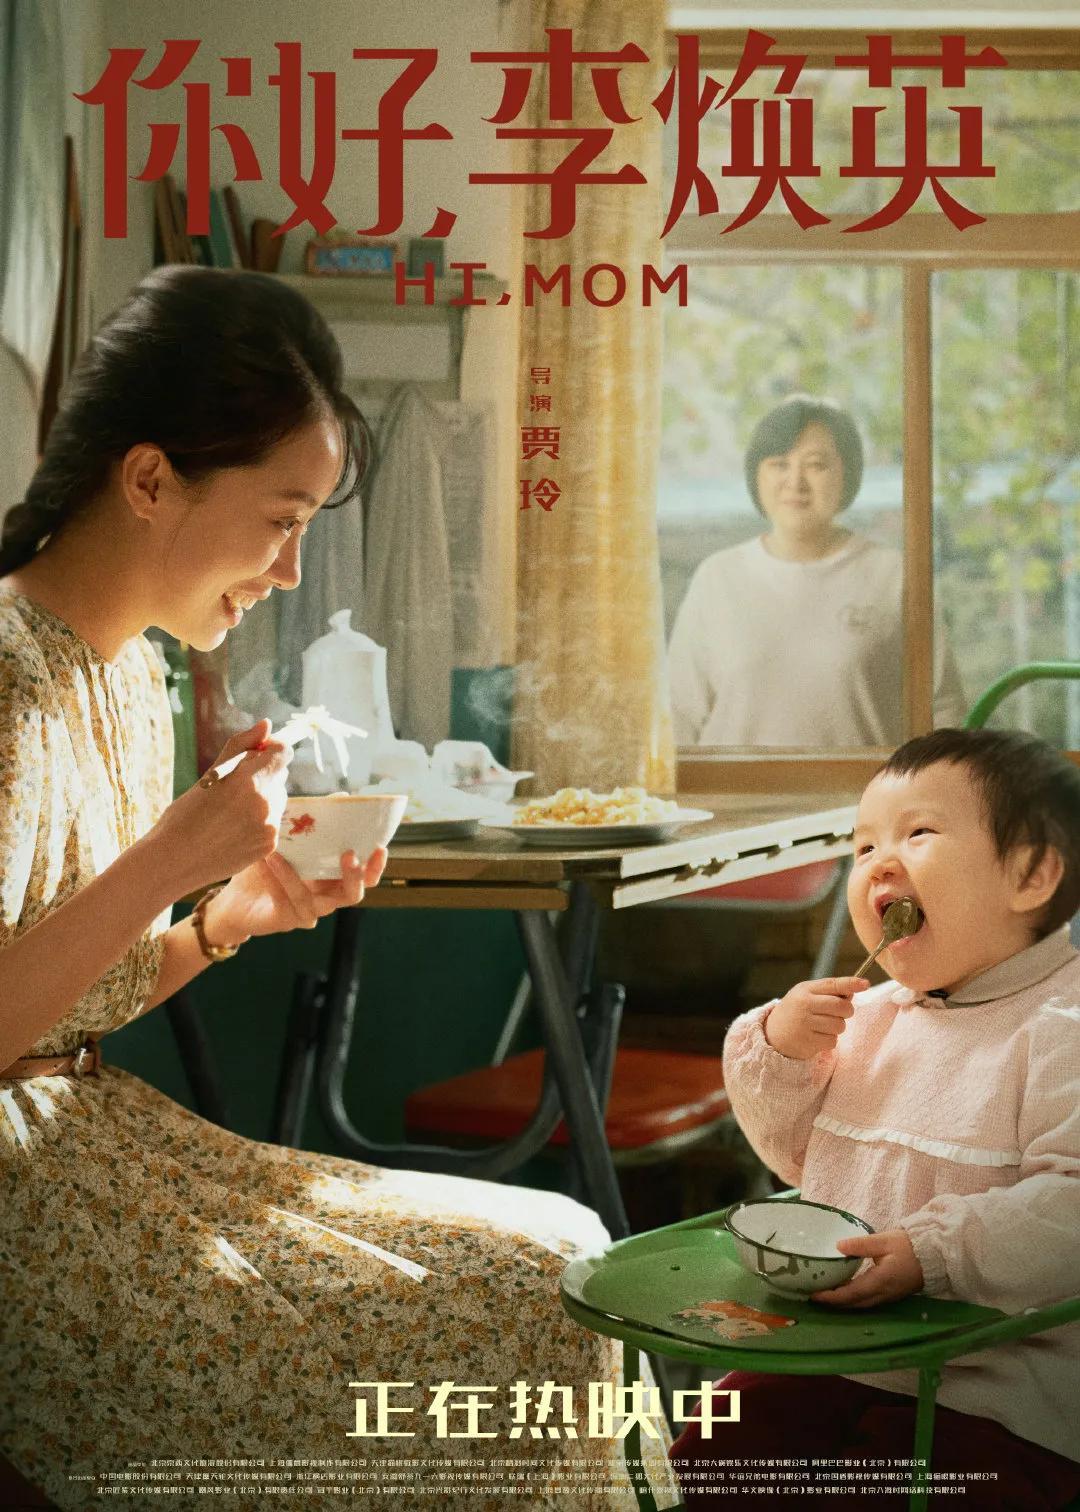 """《李焕英》是""""妈妈""""的胜利,还是电影的胜利?  猛侃专栏"""